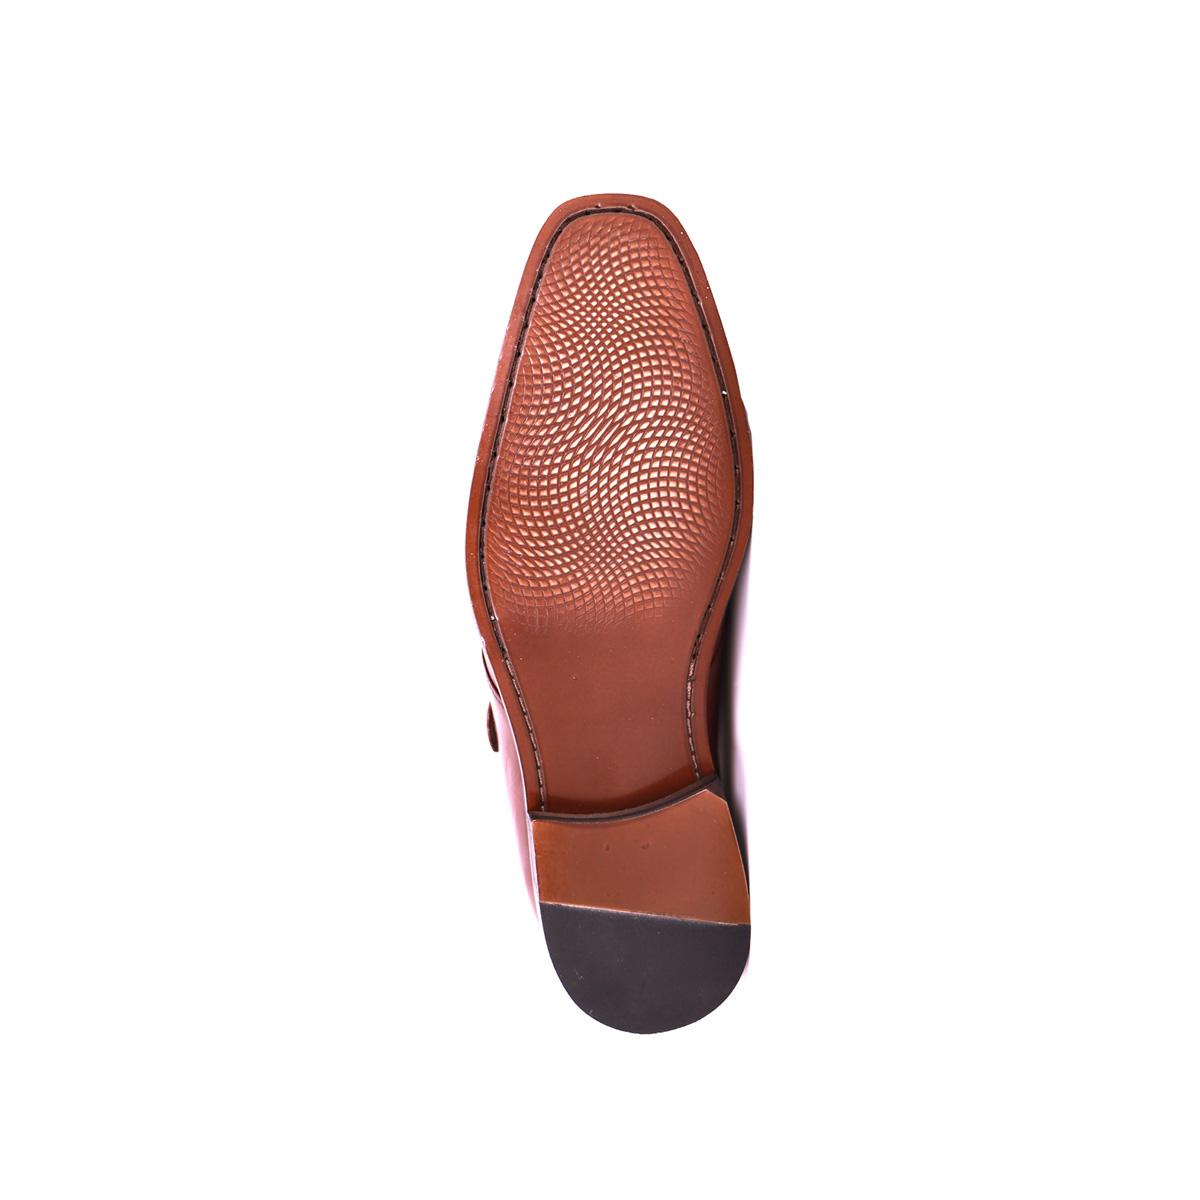 Zapato Formal Gentleman Café Oscuro Max Denegri +7cms de Altura_73379